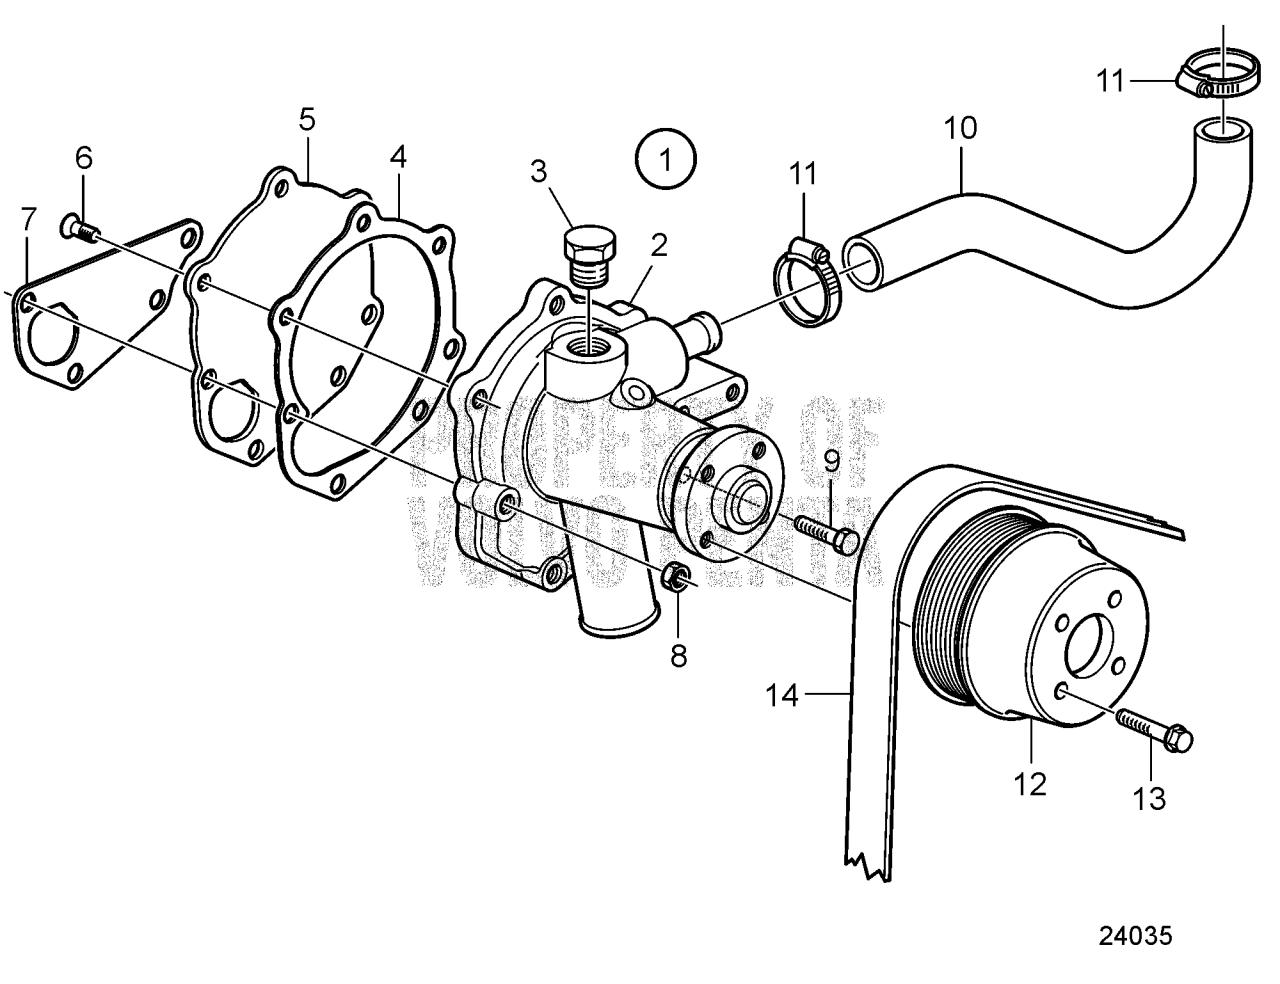 Water Pump D1-30 A, D1-30 B, D2-40 A, D2-40 B, D1-30F, D2